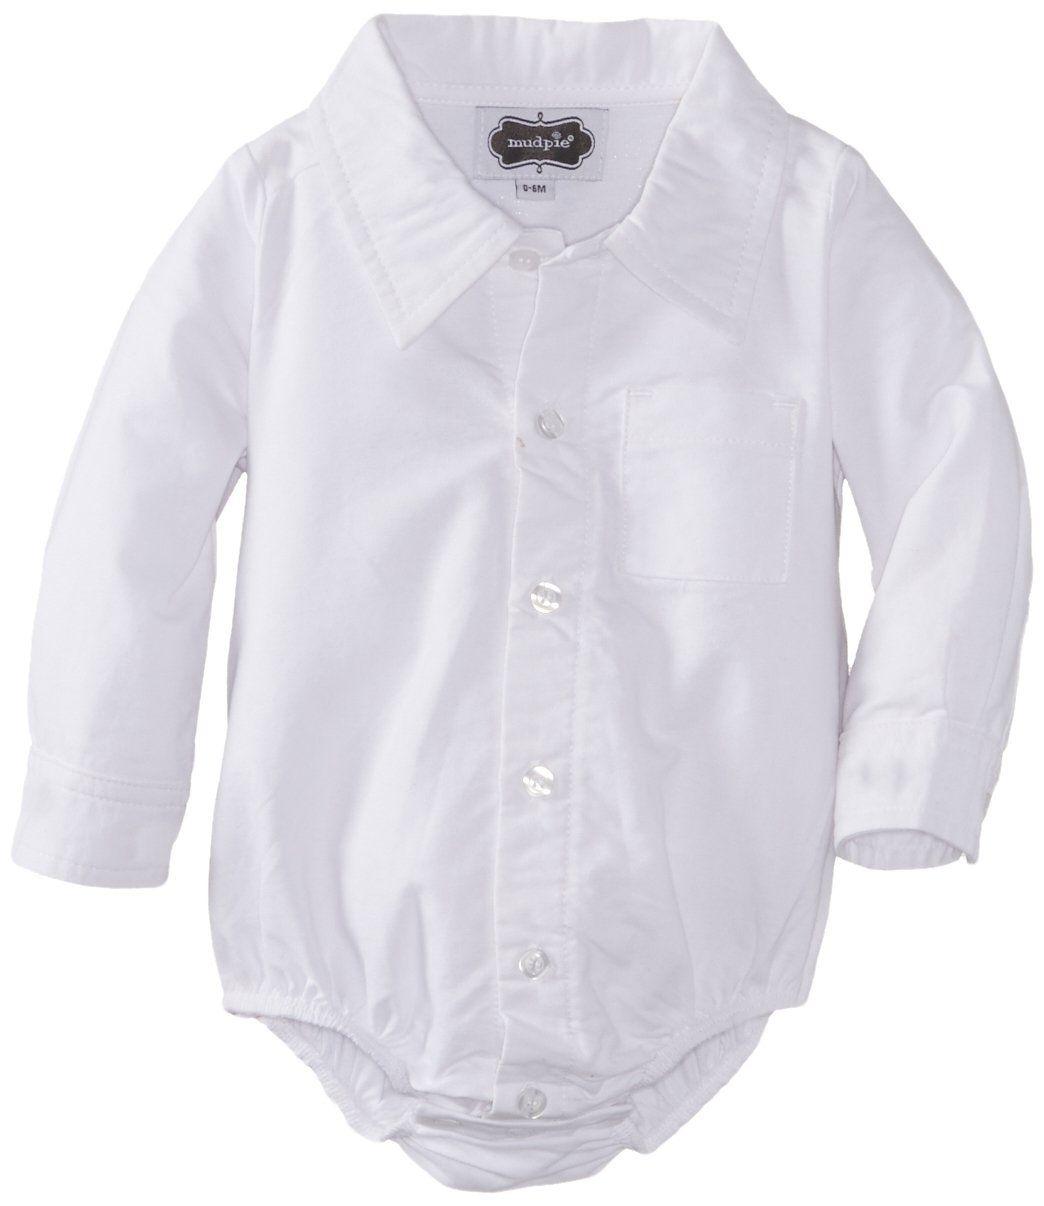 Robot Check Boys Dress Shirts White Baby Dress Baby Boy Dress [ 1206 x 1044 Pixel ]